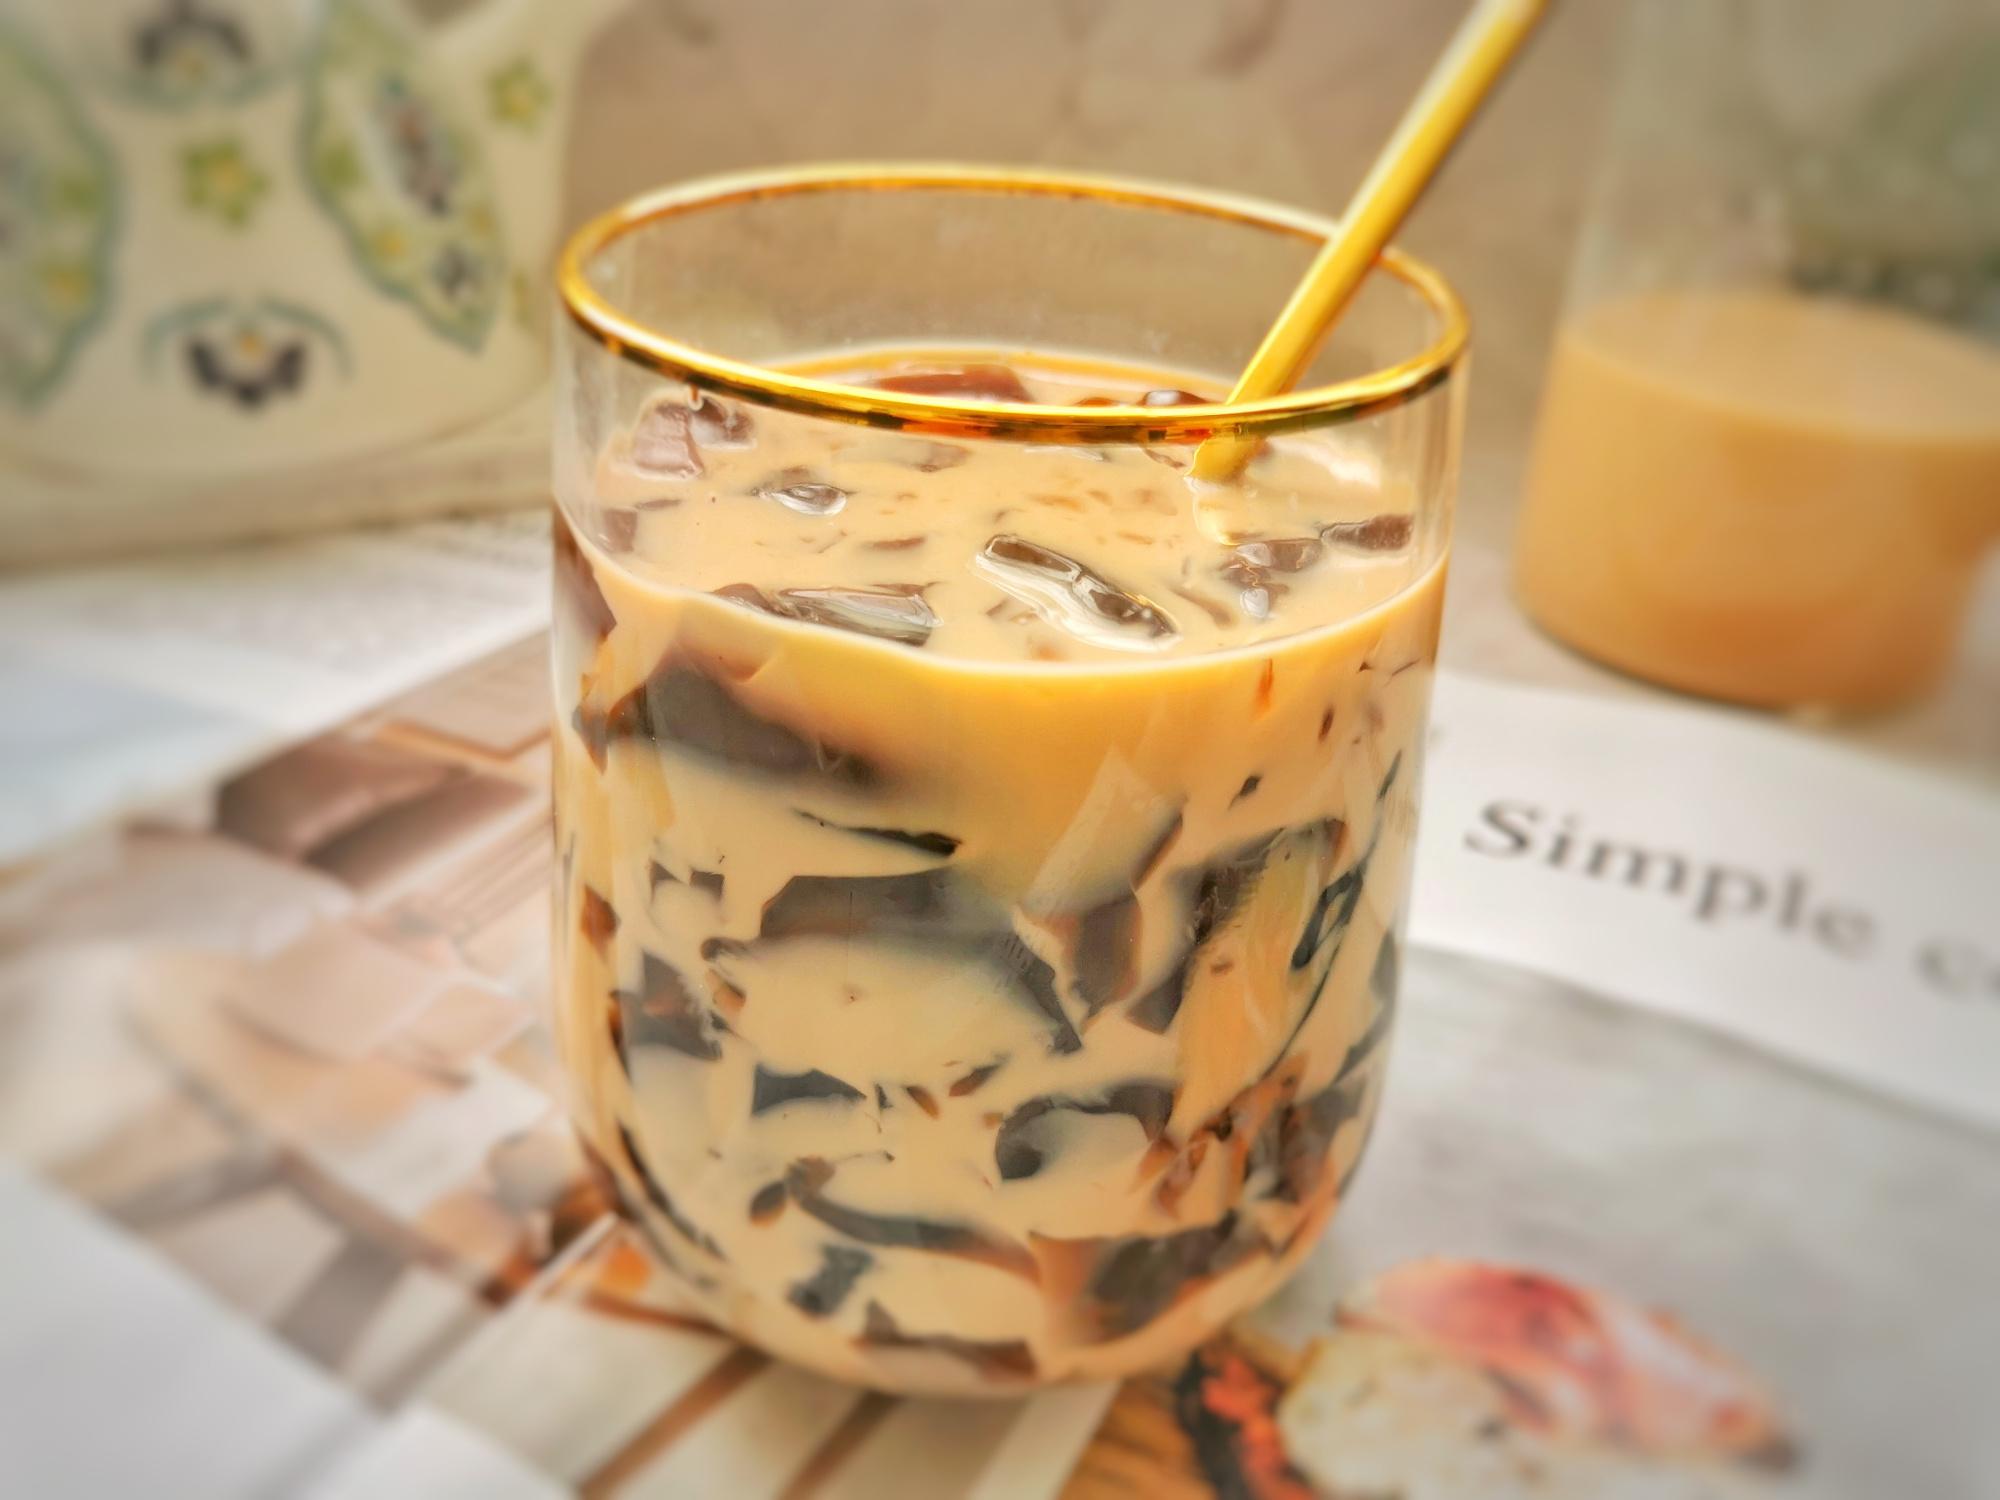 一點點同款咖啡凍奶茶,香濃爽滑,自己做乾淨衛生零添加,省錢了